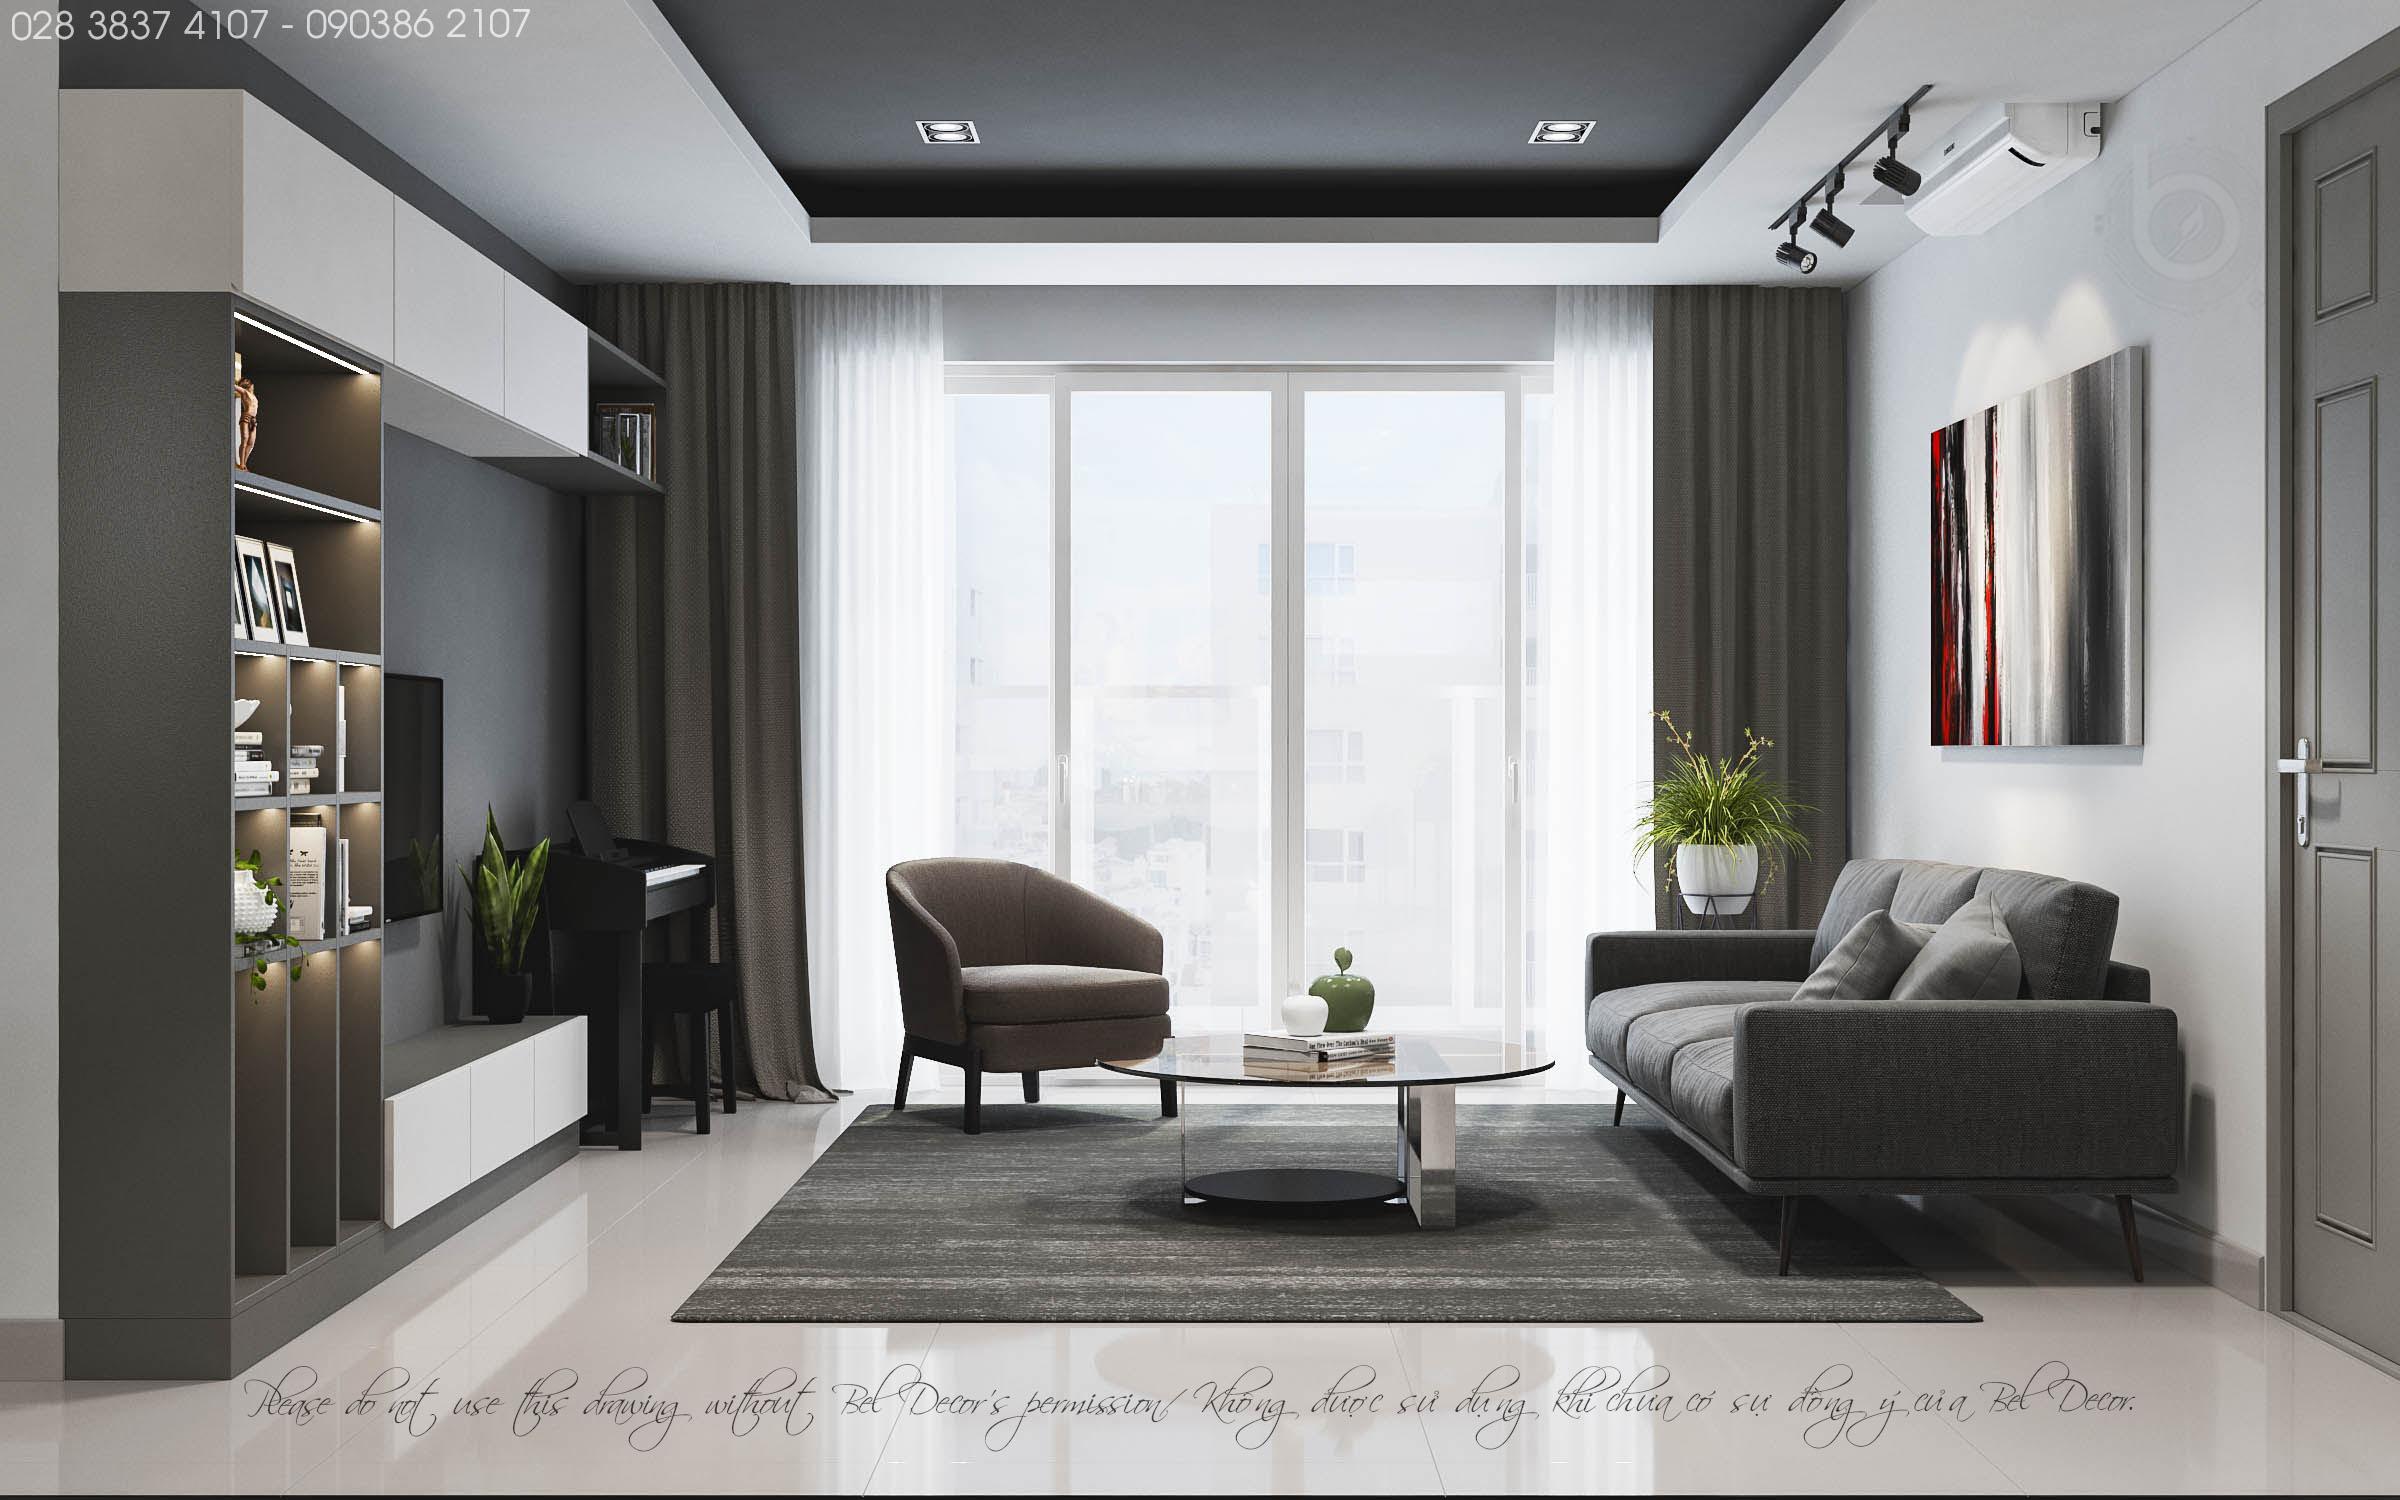 thiết kế nội thất chung cư tại Hồ Chí Minh THIẾT KẾ NỘI THẤT CĂN HỘ (HO1902) 1 1560306005